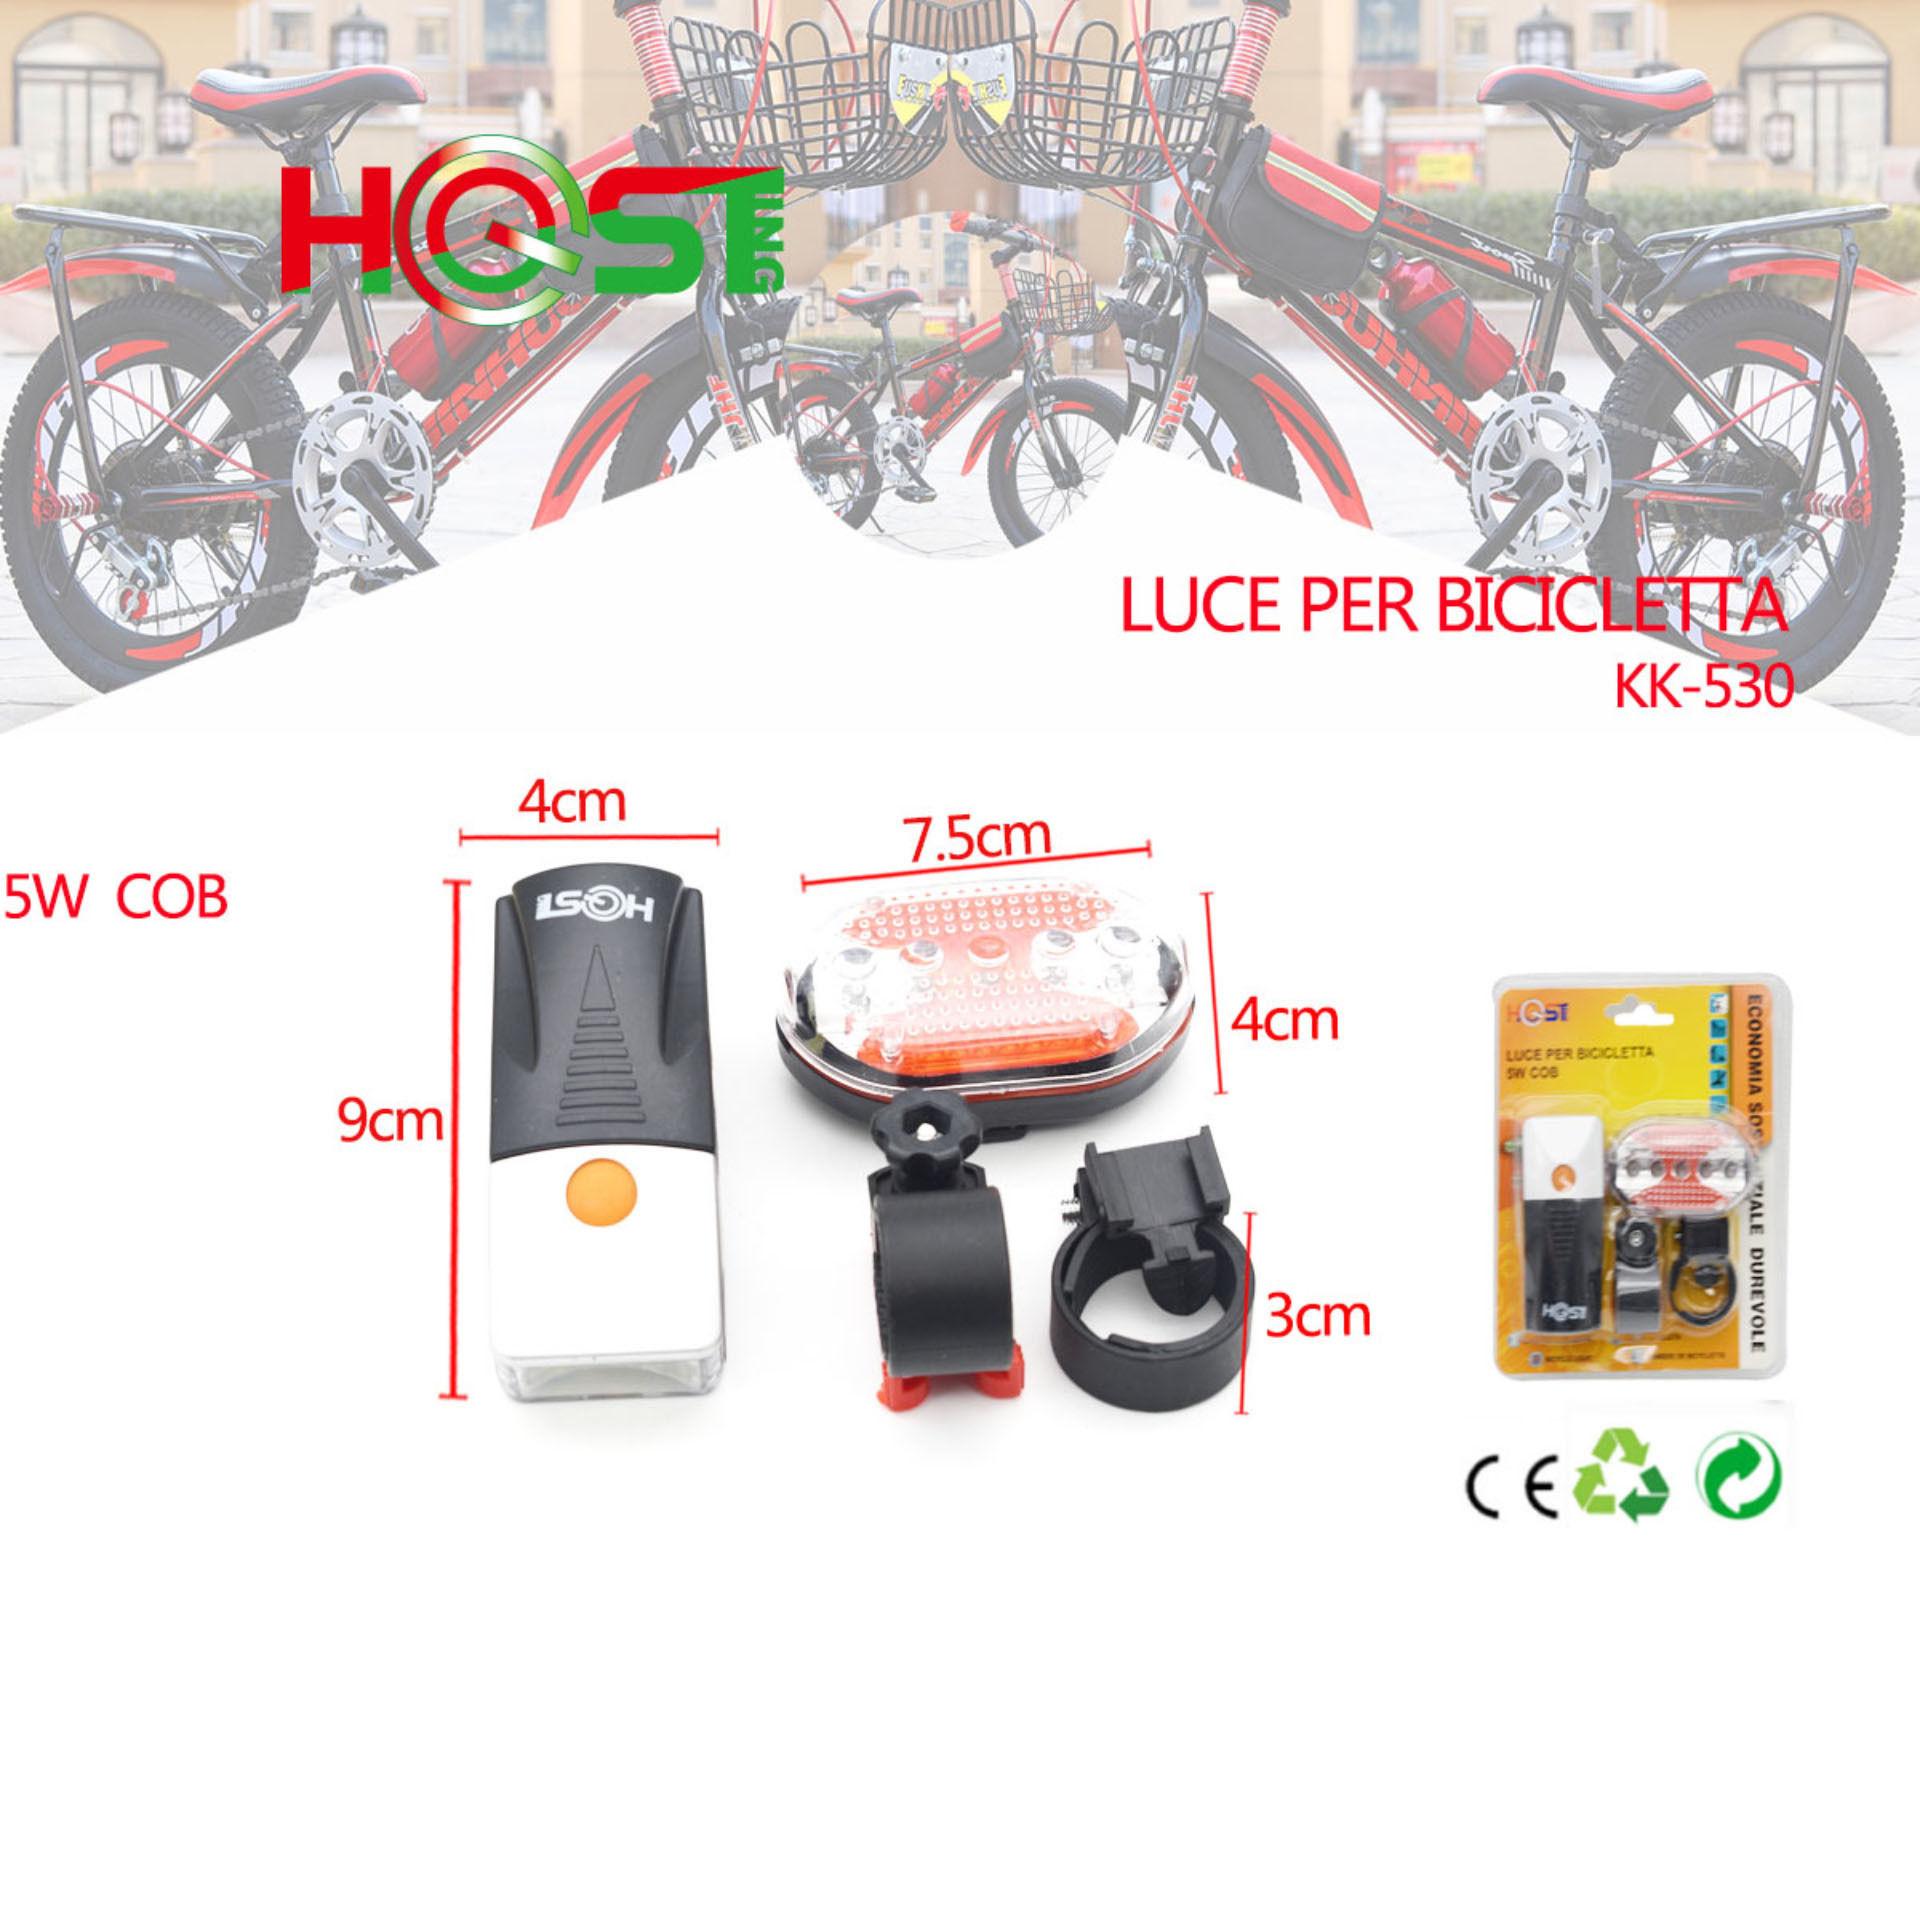 LUCI PER BICIEco Trade